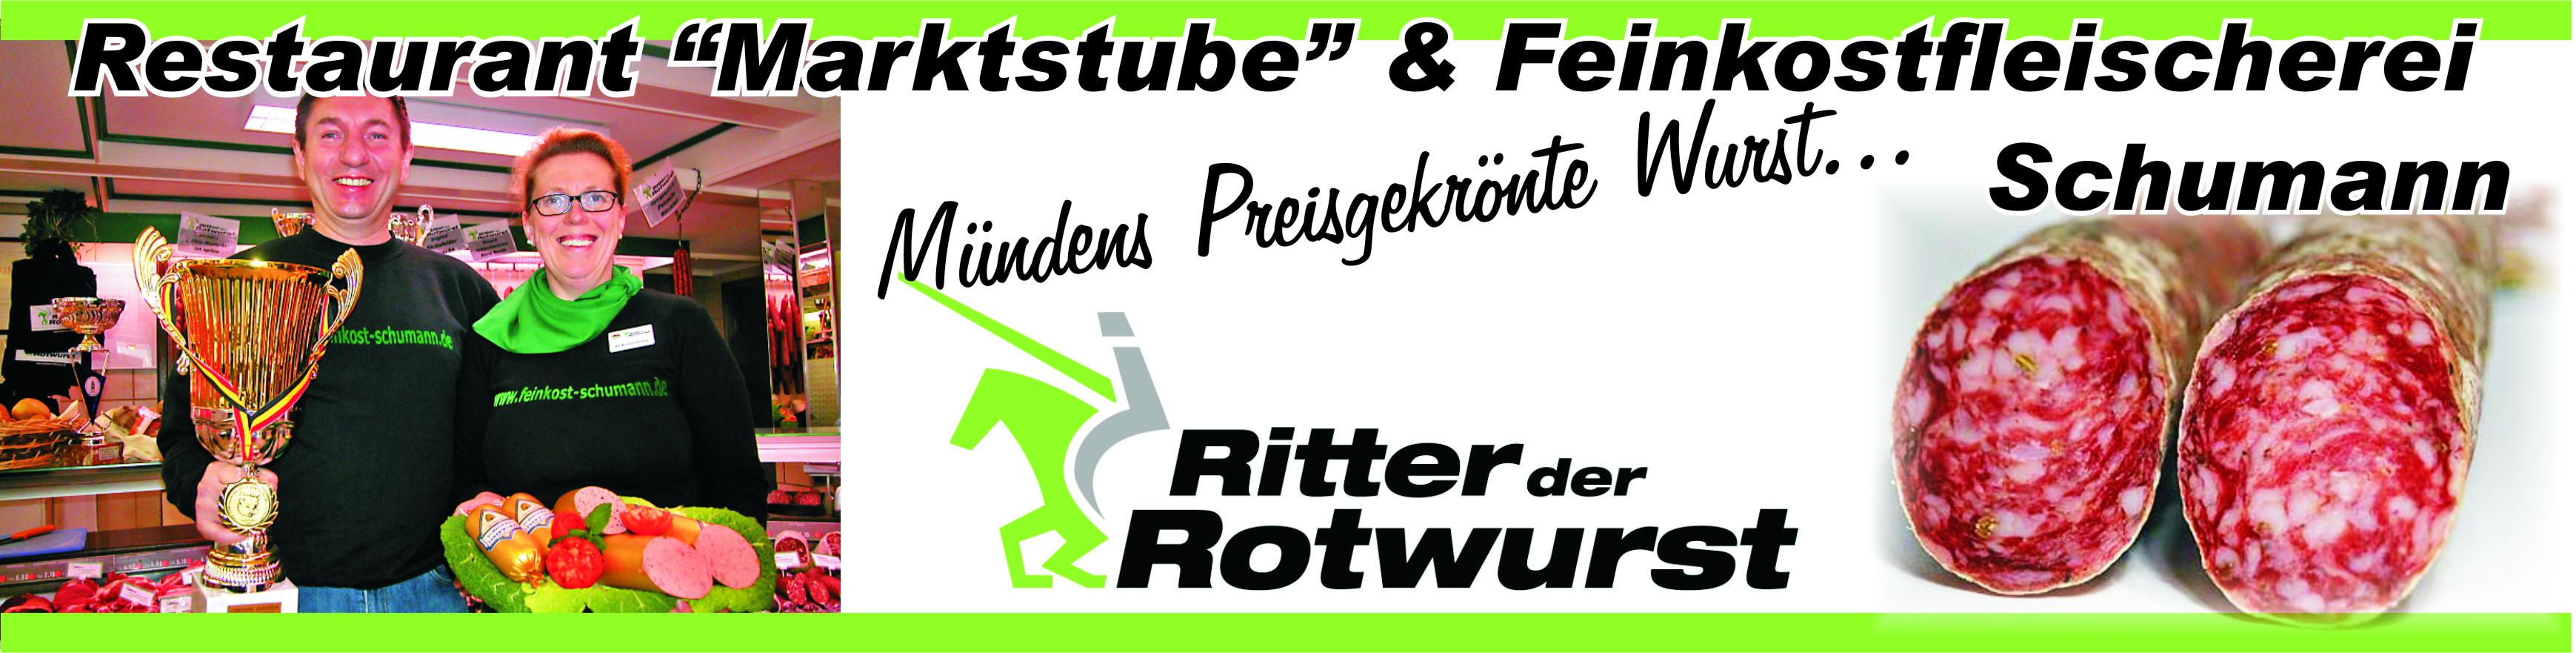 """Restaurant-""""Marktstube"""" & Feinkostfleischerei"""